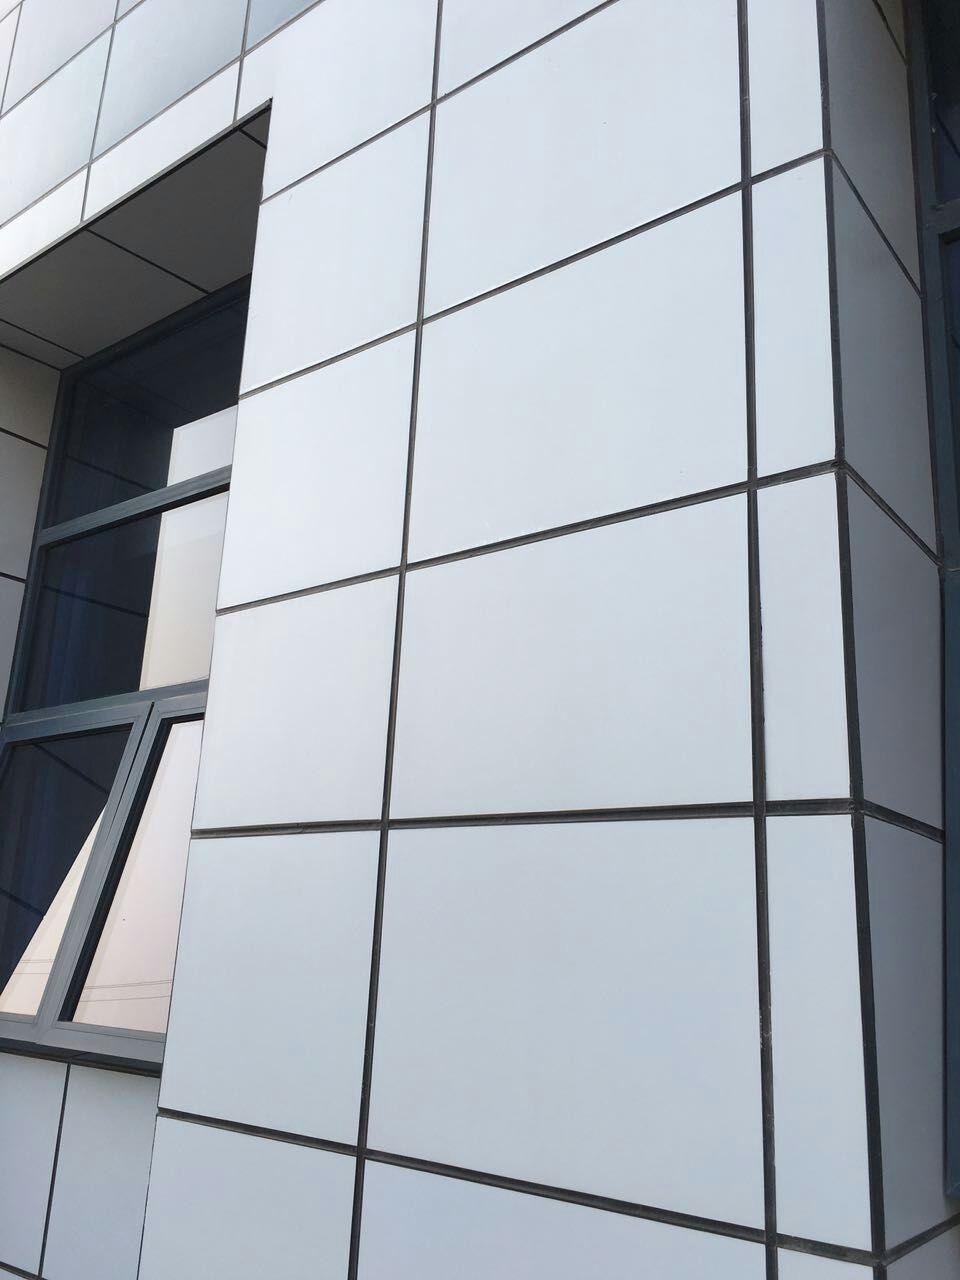 浙江省外墙保温装饰一体板推广证,氟碳漆 水包水 金属漆 岩棉 真石漆外墙装饰保温板